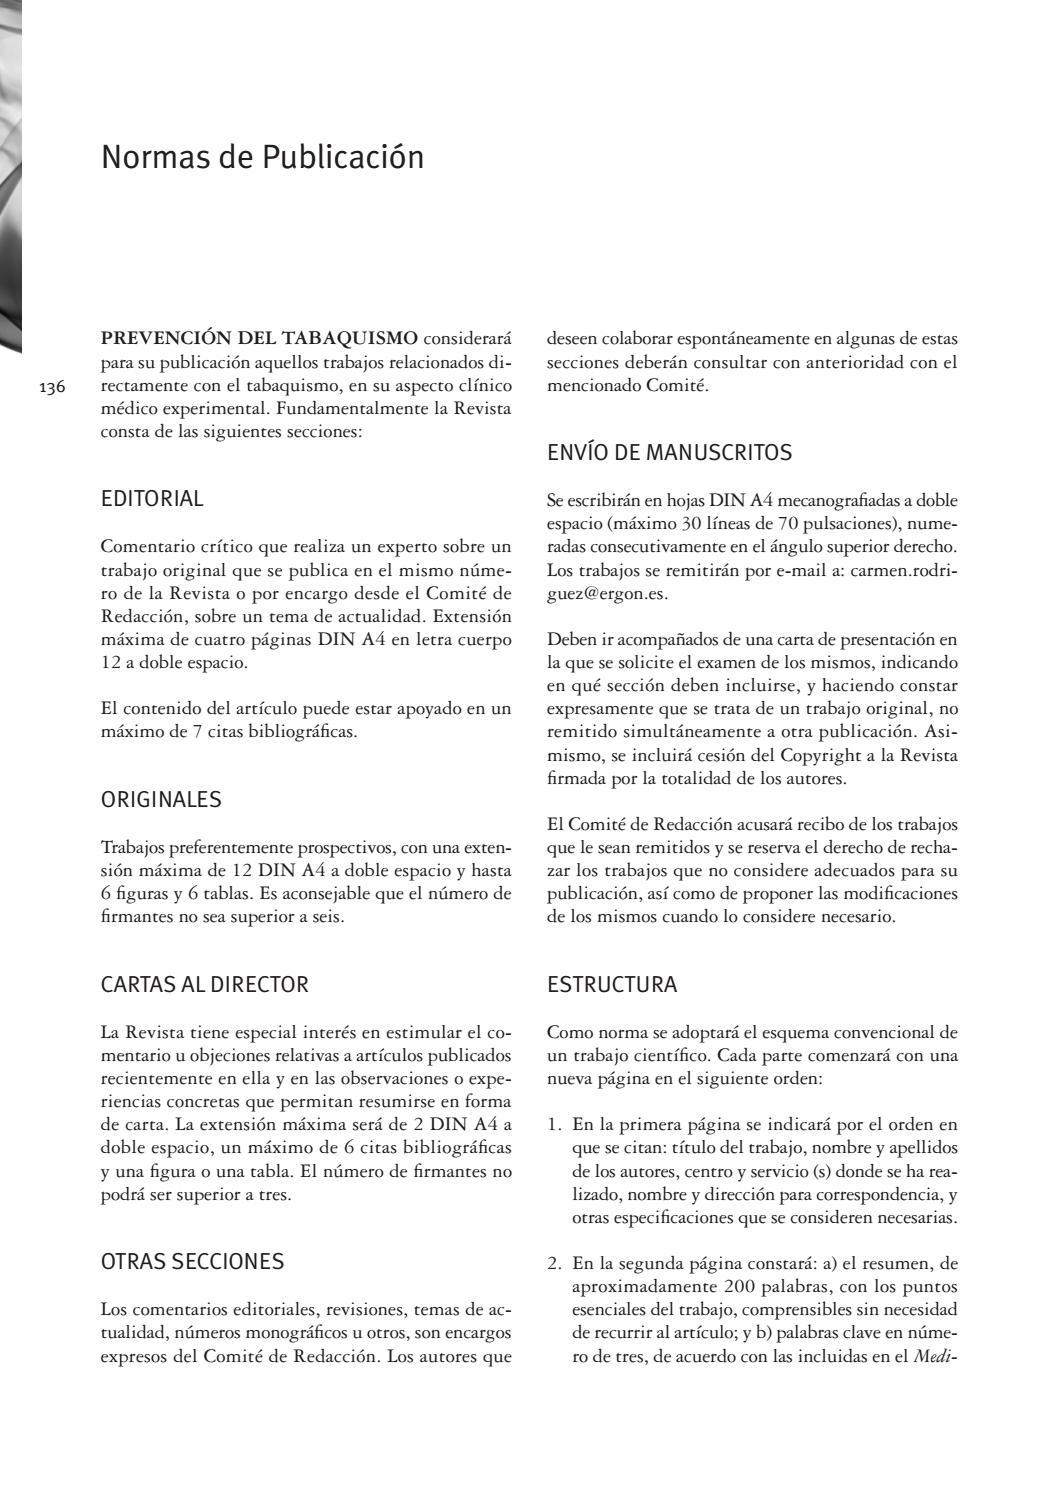 Revista Prevención del tabaquismo julio-septiembre 2017 by SEPAR - issuu